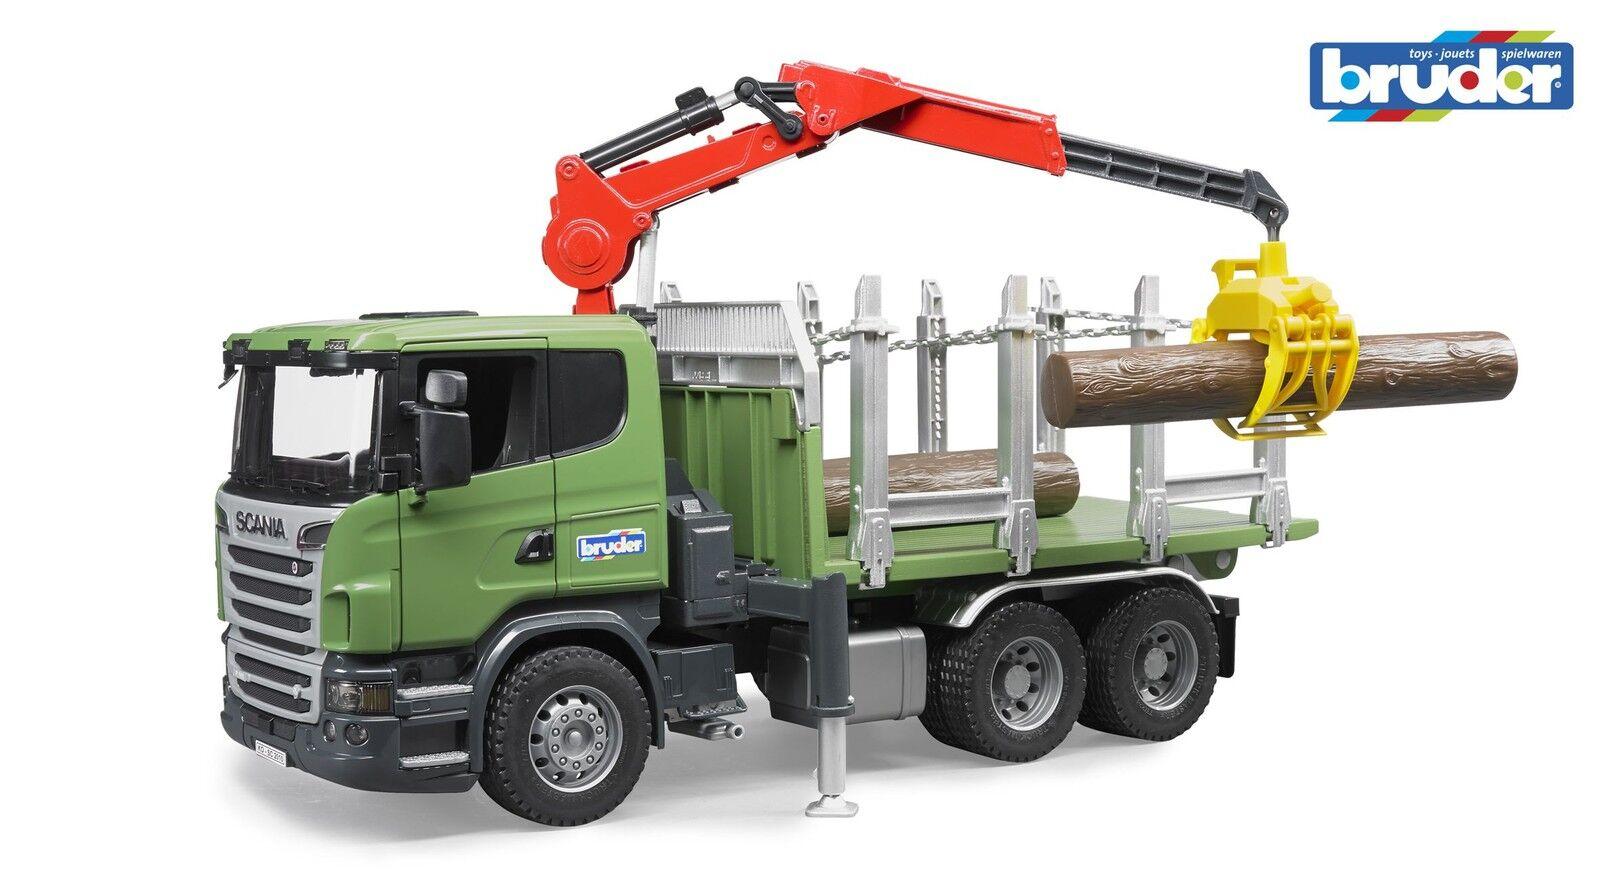 BRUDER® 03524 SCANIA R-Serie Holz - LKW mit Ladekran Ladekran Ladekran & 3 Baumstämme NEU & OVP 3388b4